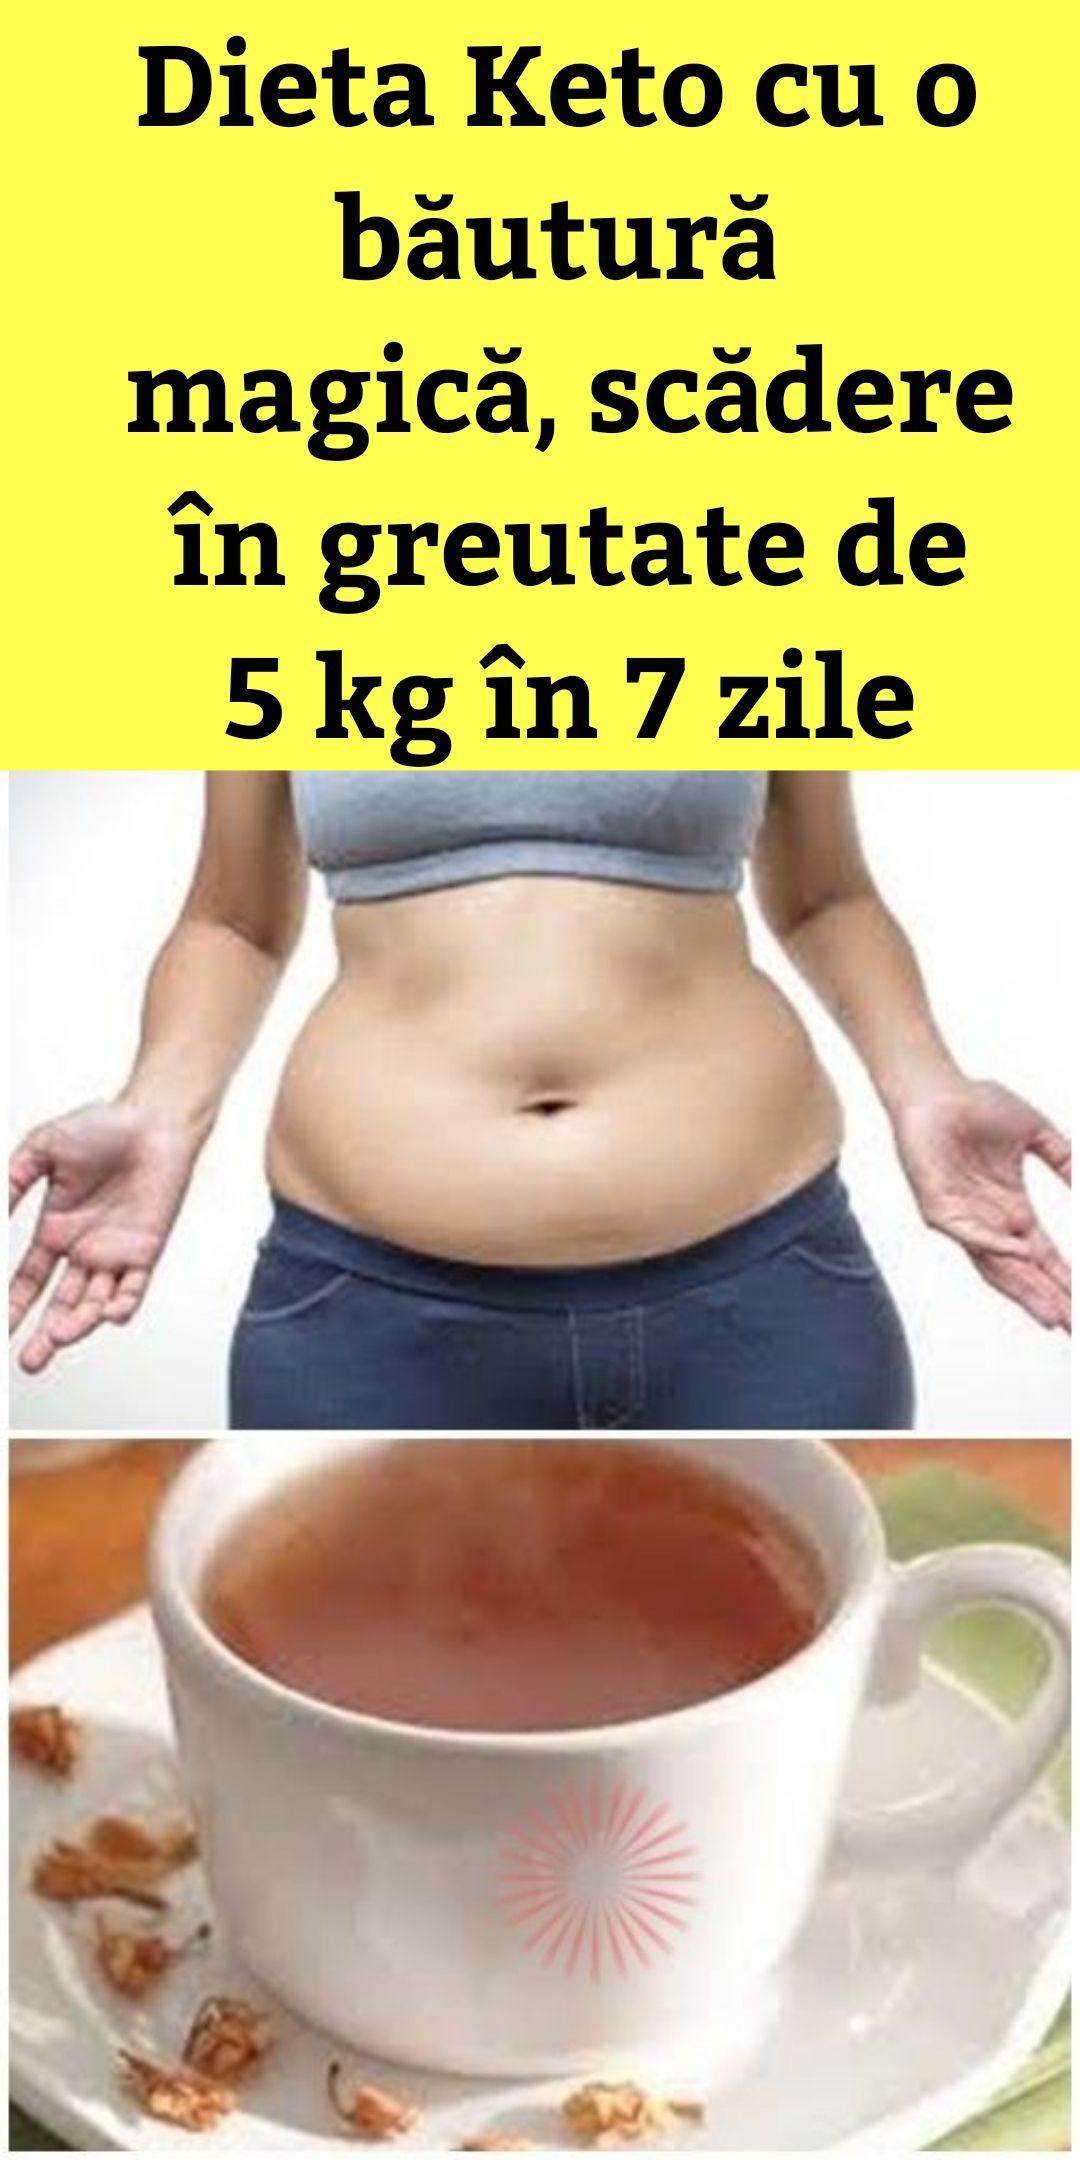 pierdere în greutate femei peste 40 de ani